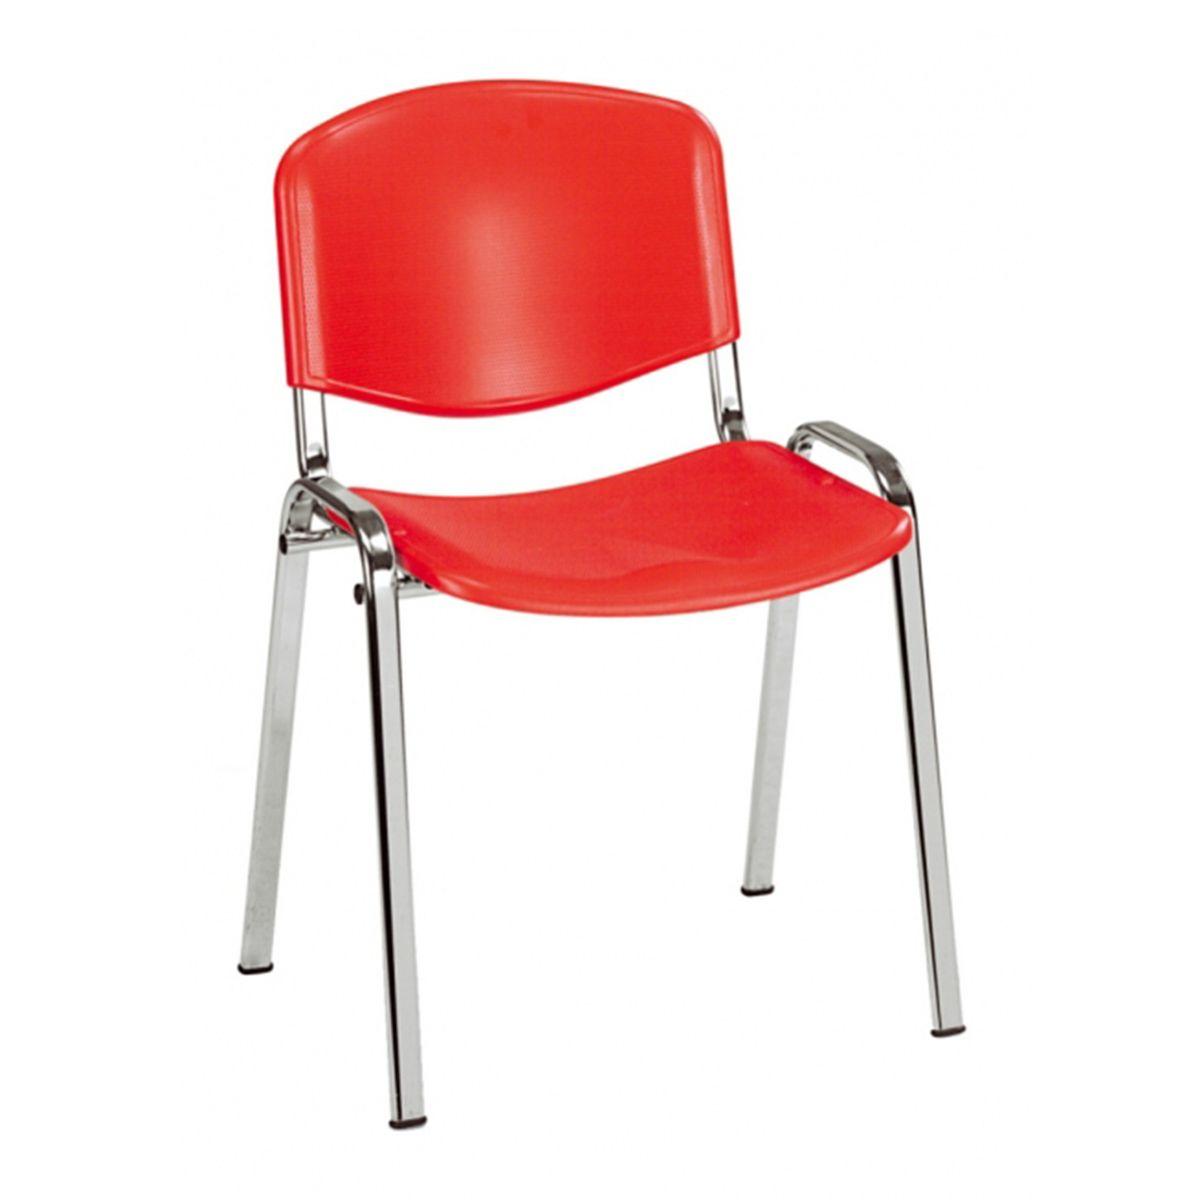 Sedie Di Plastica Offerta.30 00 Iso P Sedia Per Sala Conferenze E Sala Da Attesa